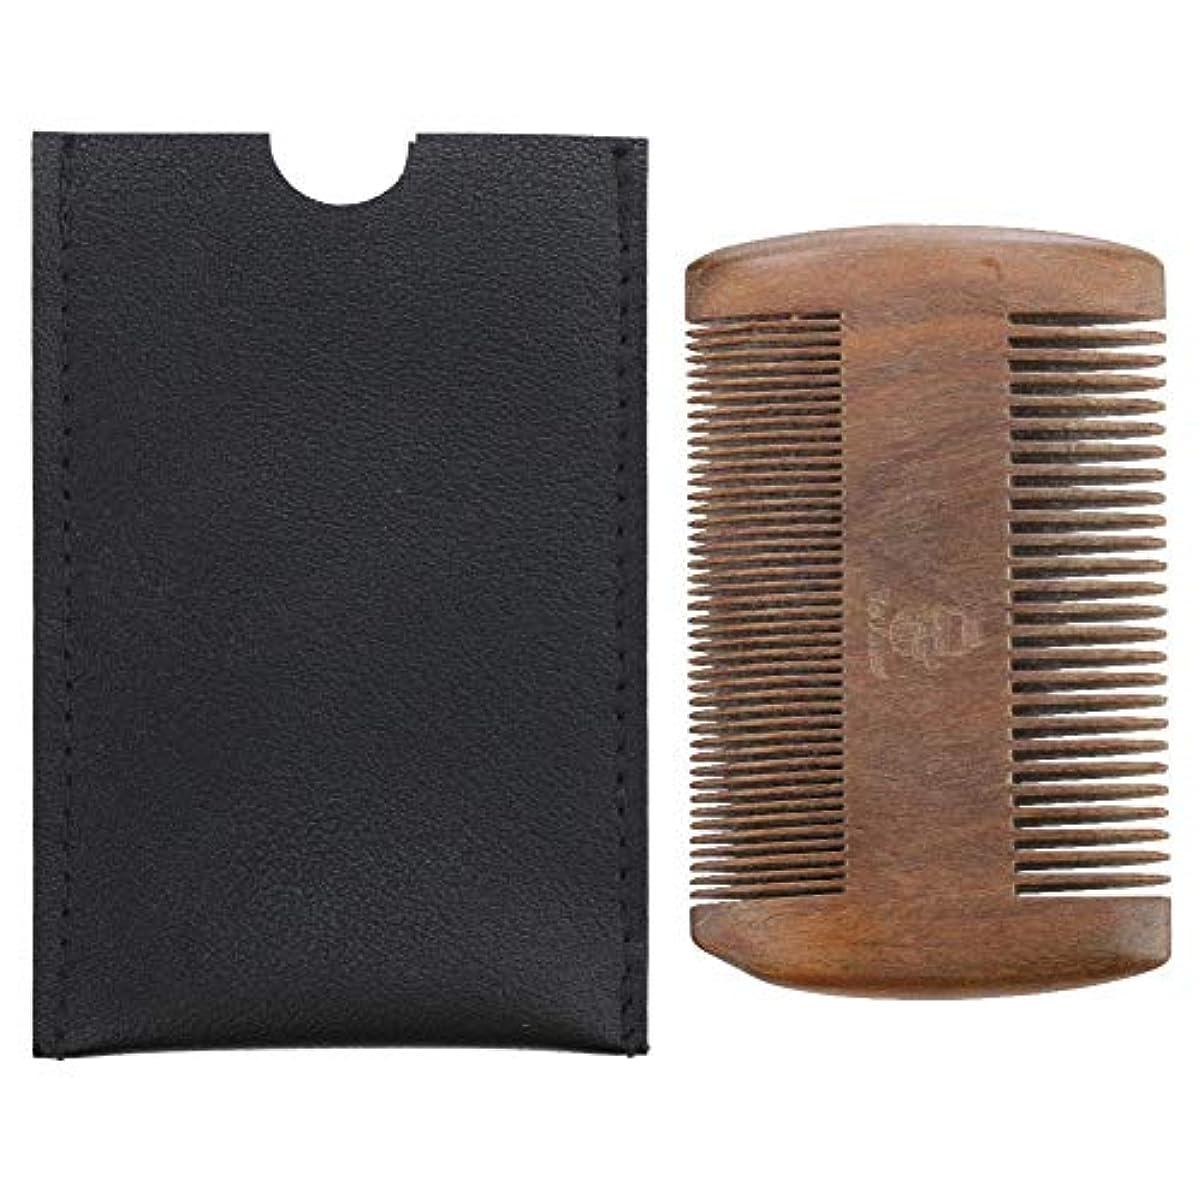 ドック地雷原揃える木製口ひげ静電気防止シェーパースタイリングくし